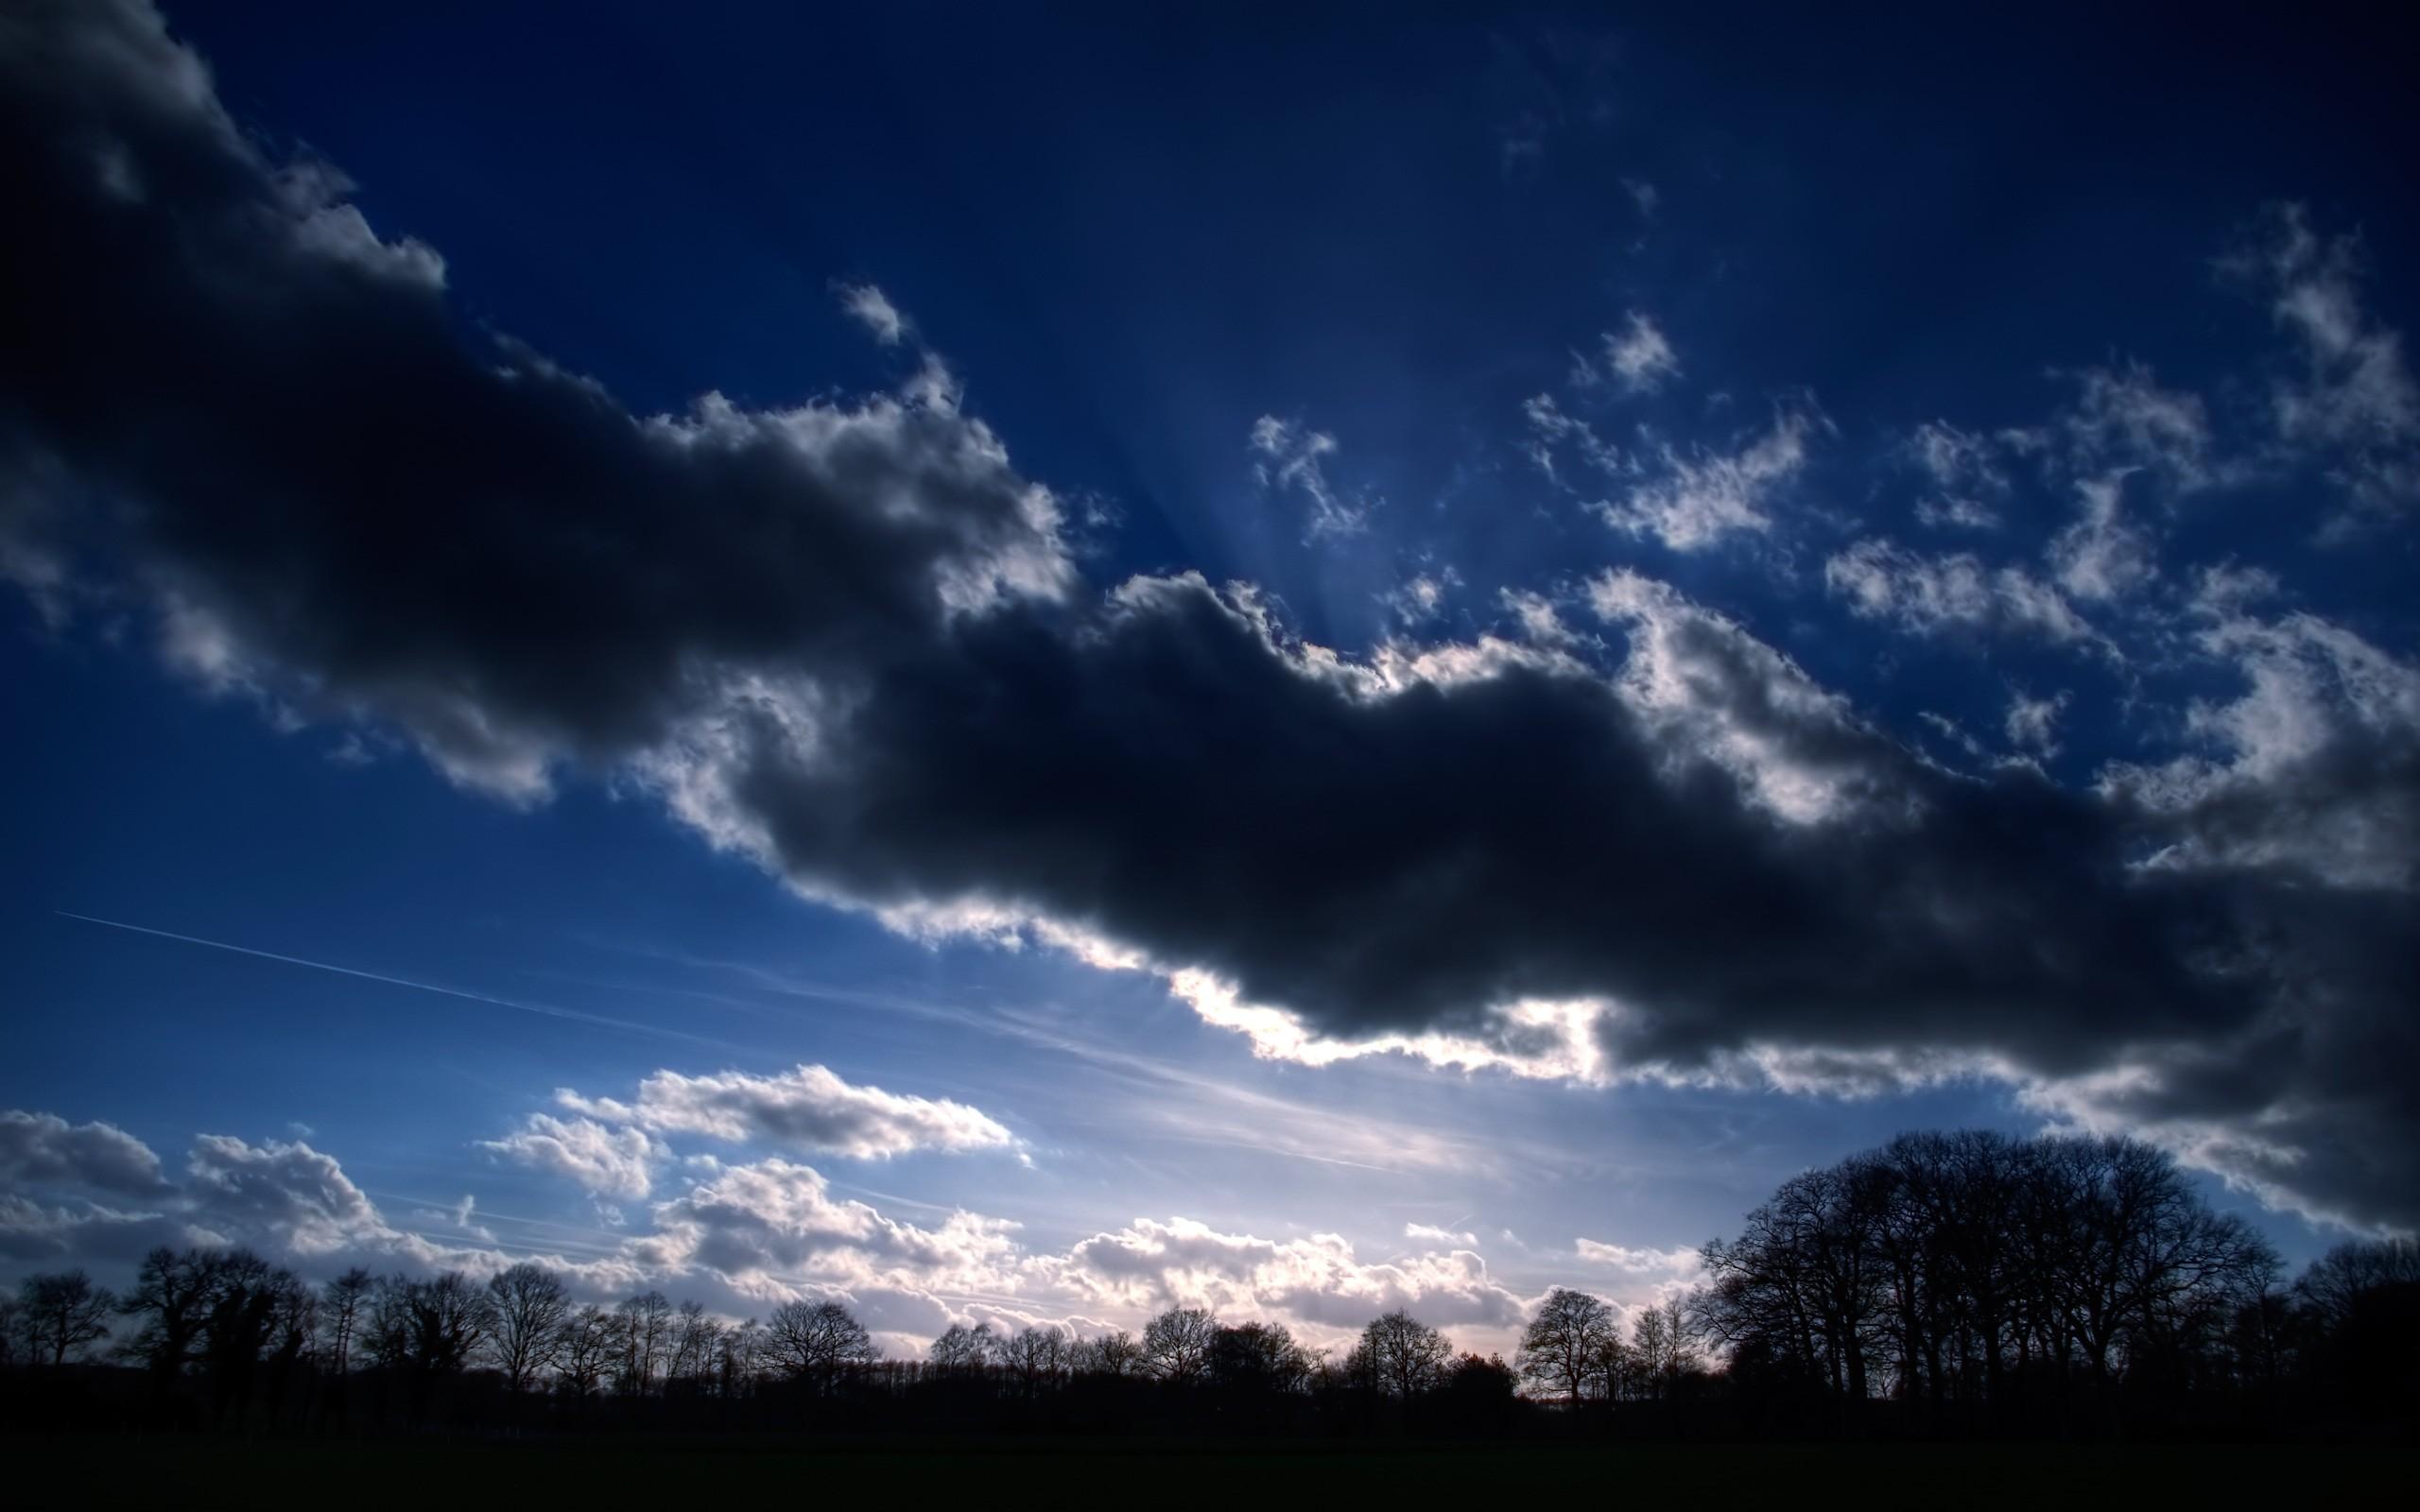 Киты в небе картинки высокого разрешения белова